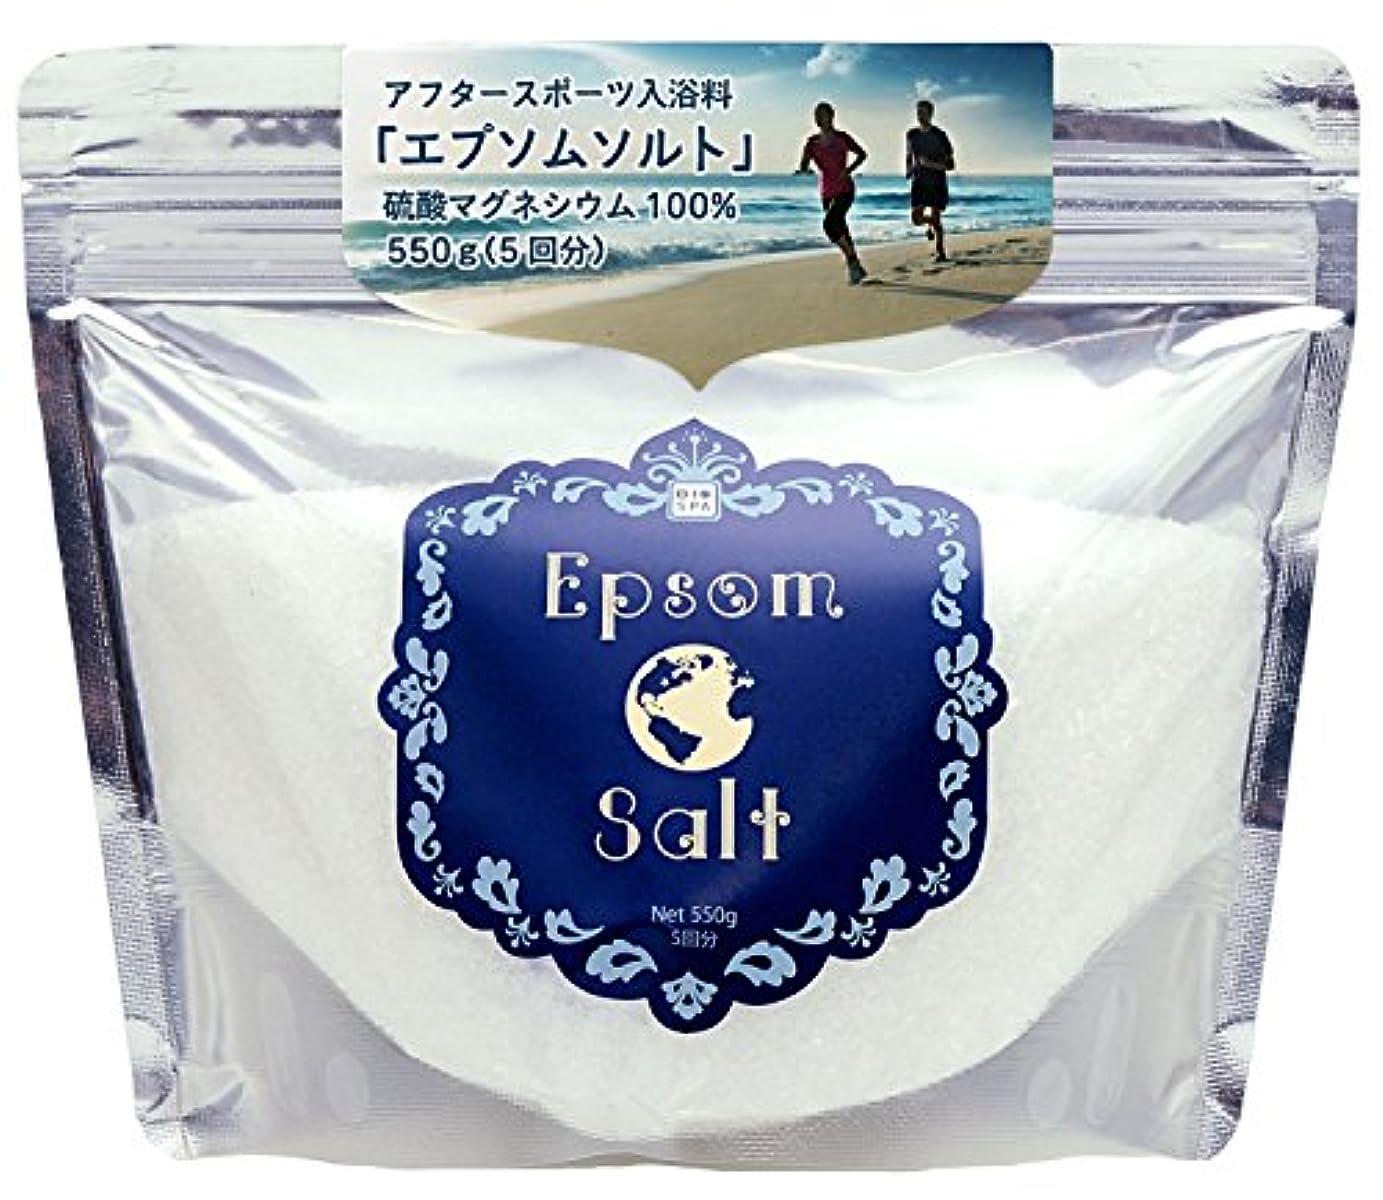 つづりスクリュー削除するBIOSPA(ビオスパ) 入浴剤 エプソムソルト スポーツエディション 550g 約5回分 軽量スプーン付 EBS402